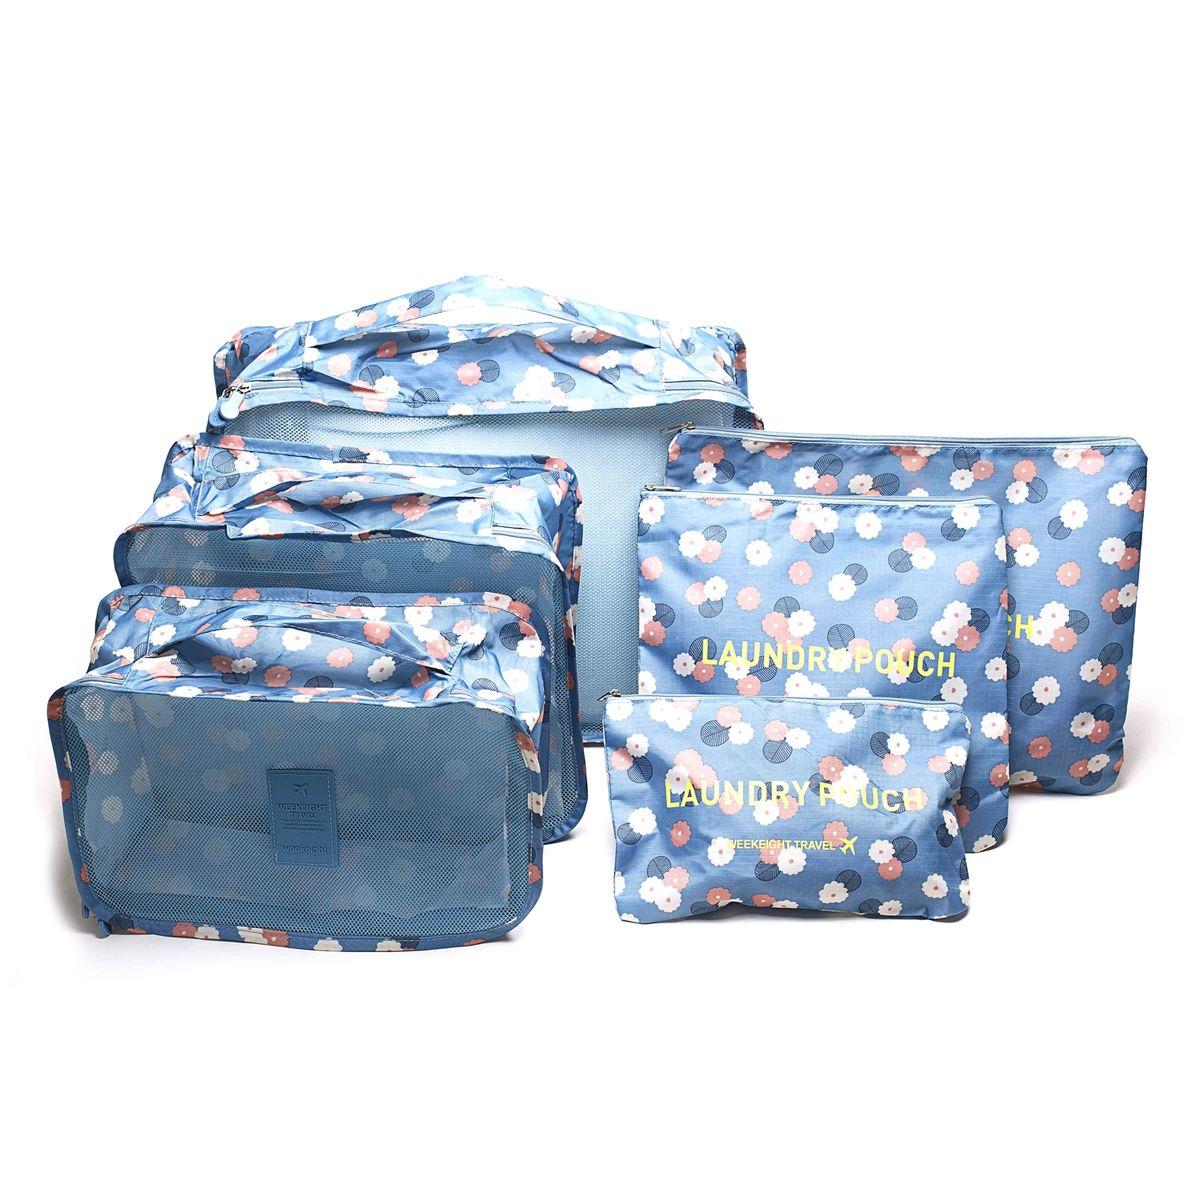 Набор органайзеров для багажа Homsu Цветок, цвет: синий, белый, розовый, 6 предметовHOM-346Набор органайзеров для багажа Homsu Цветок выполнен из полиэстера и оснащен молниями. В комплекте собраны органайзеры длябюстгальтеров, нижнего белья, носков, одежды, косметики. Вы сможете распределить все вещи, которые возьмете ссобой таким образом, чтобы всегда иметь быстрый доступ к ним. Органайзеры надежно защитят от пыли, грязи, влажности илимеханических повреждений.Размеры органайзеров: 40 x 30 x 12 см; 30 x 28 x 13 см; 30 x 21 x 13 см; 35 x 27 см; 27 x 25 см; 26 x 16 см.